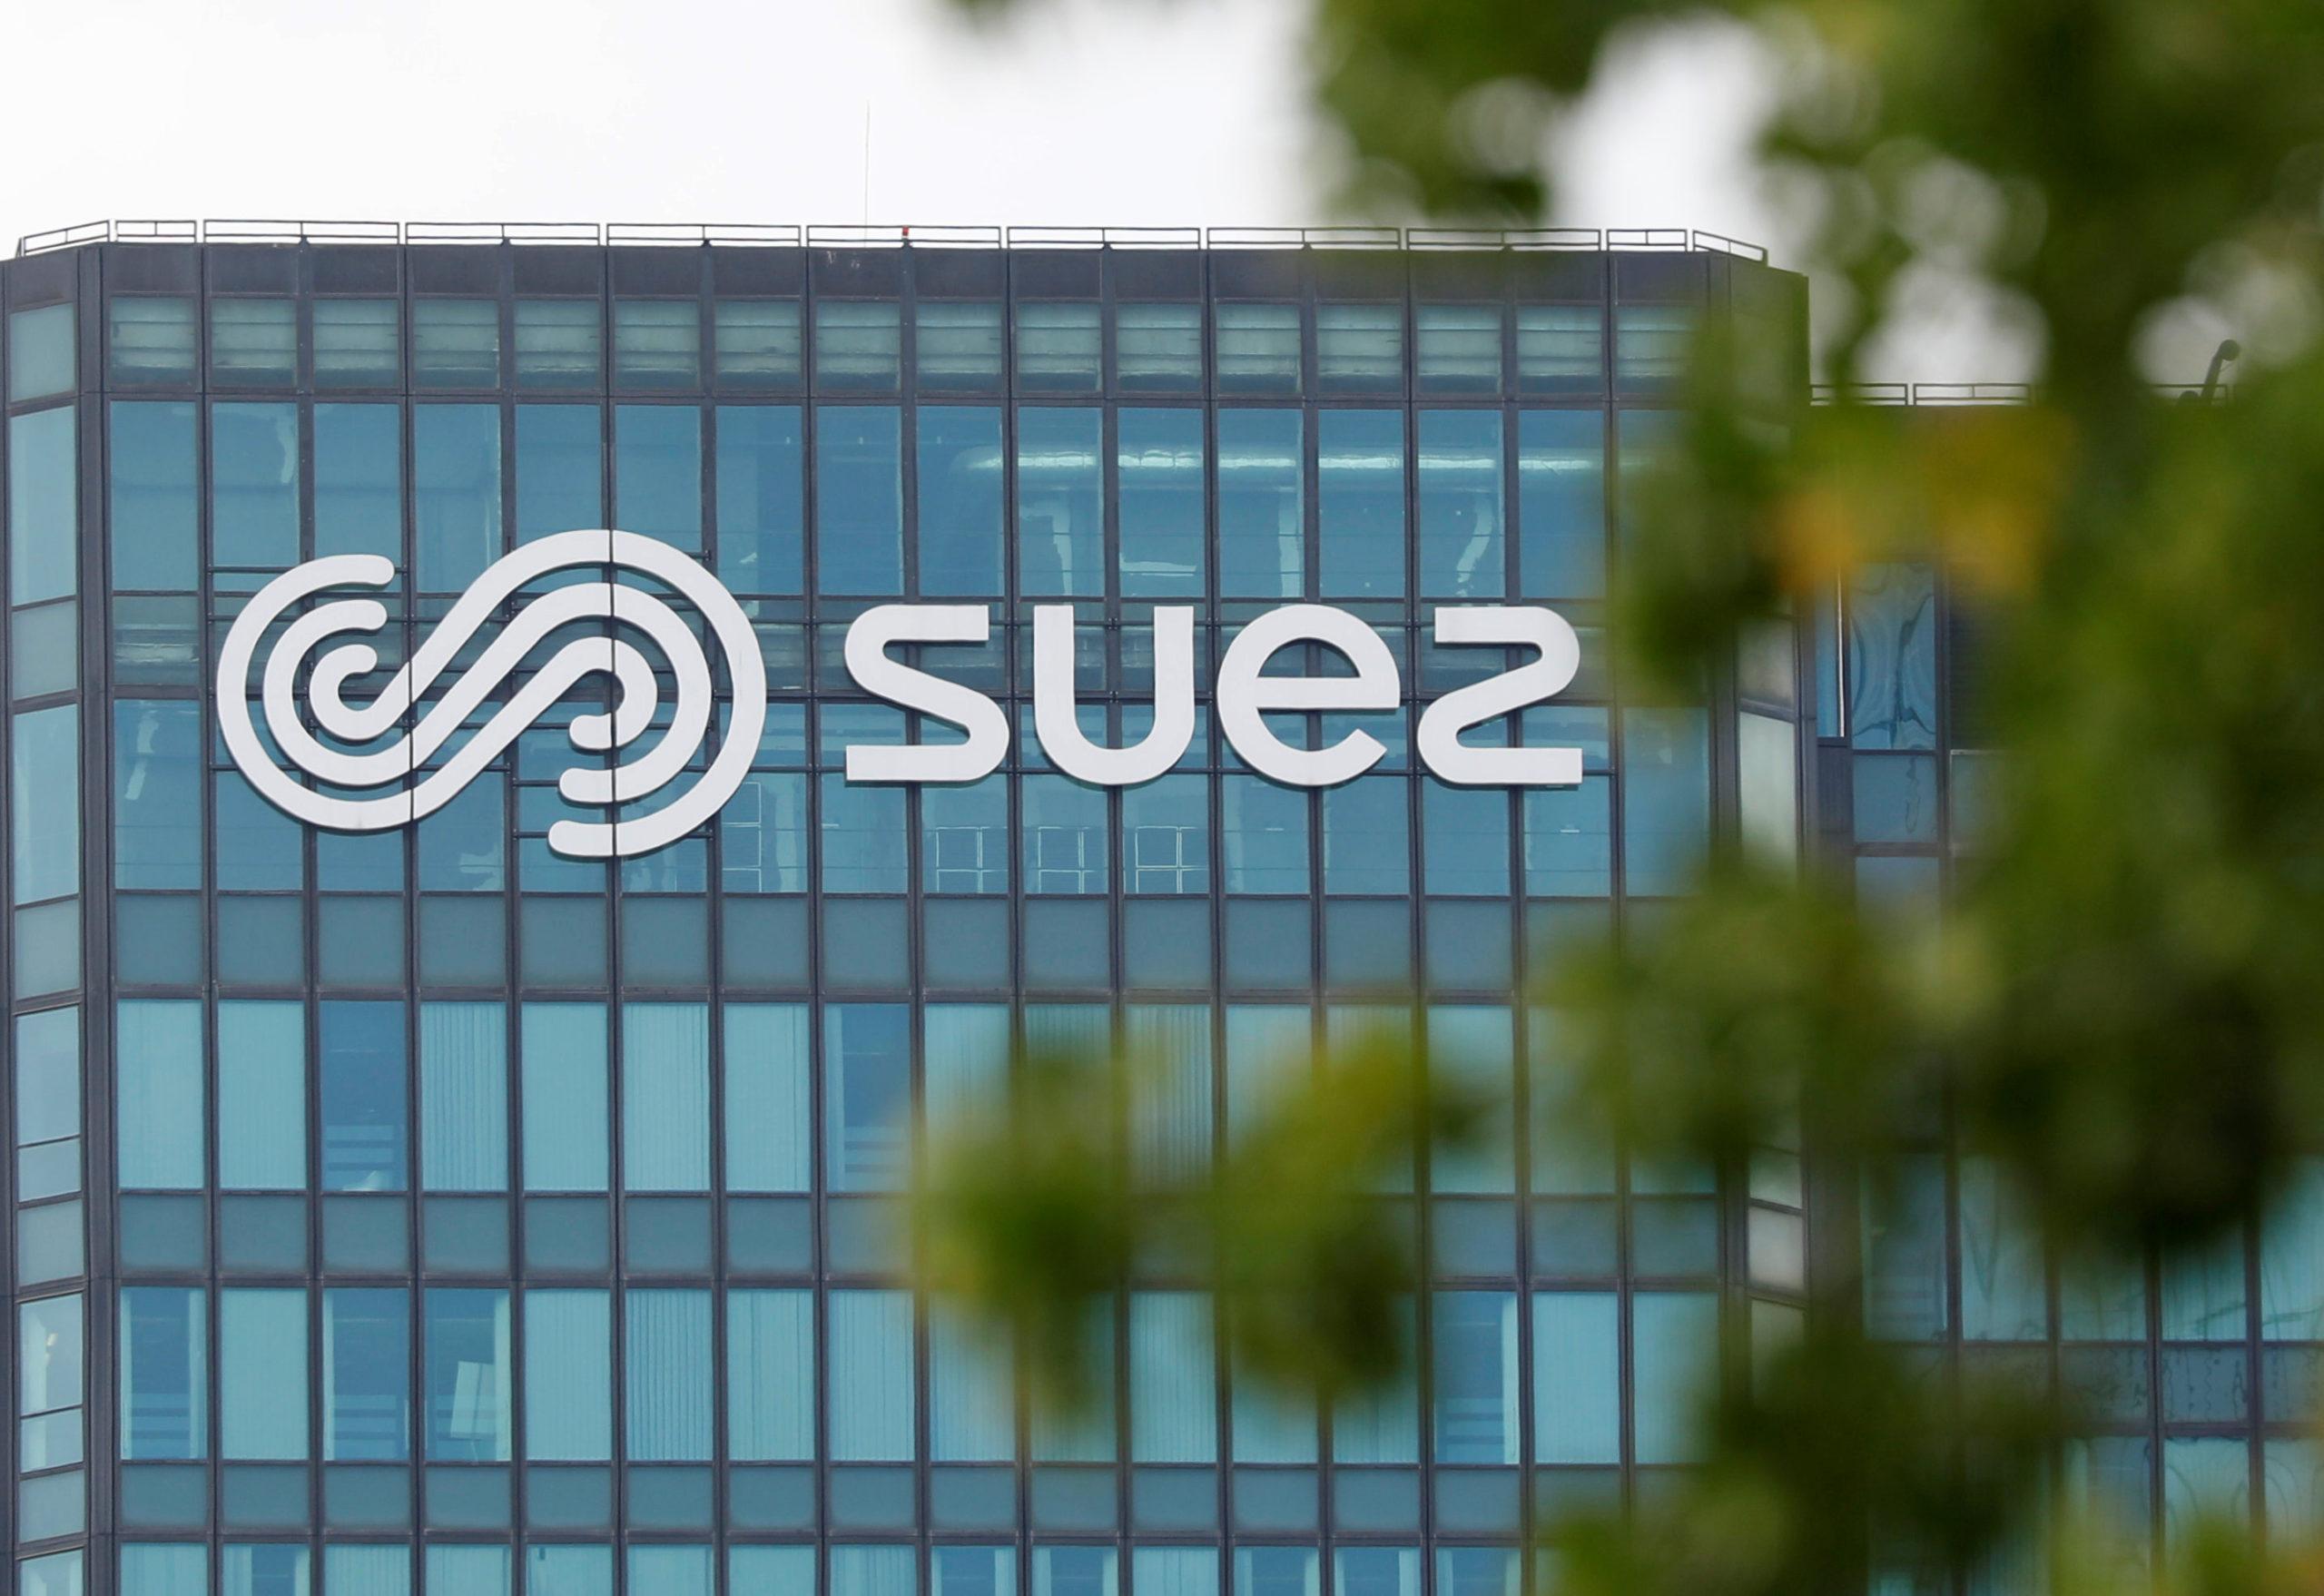 L'Etat examinera toutes les offres sur Suez avec la même équité, dit Le Maire